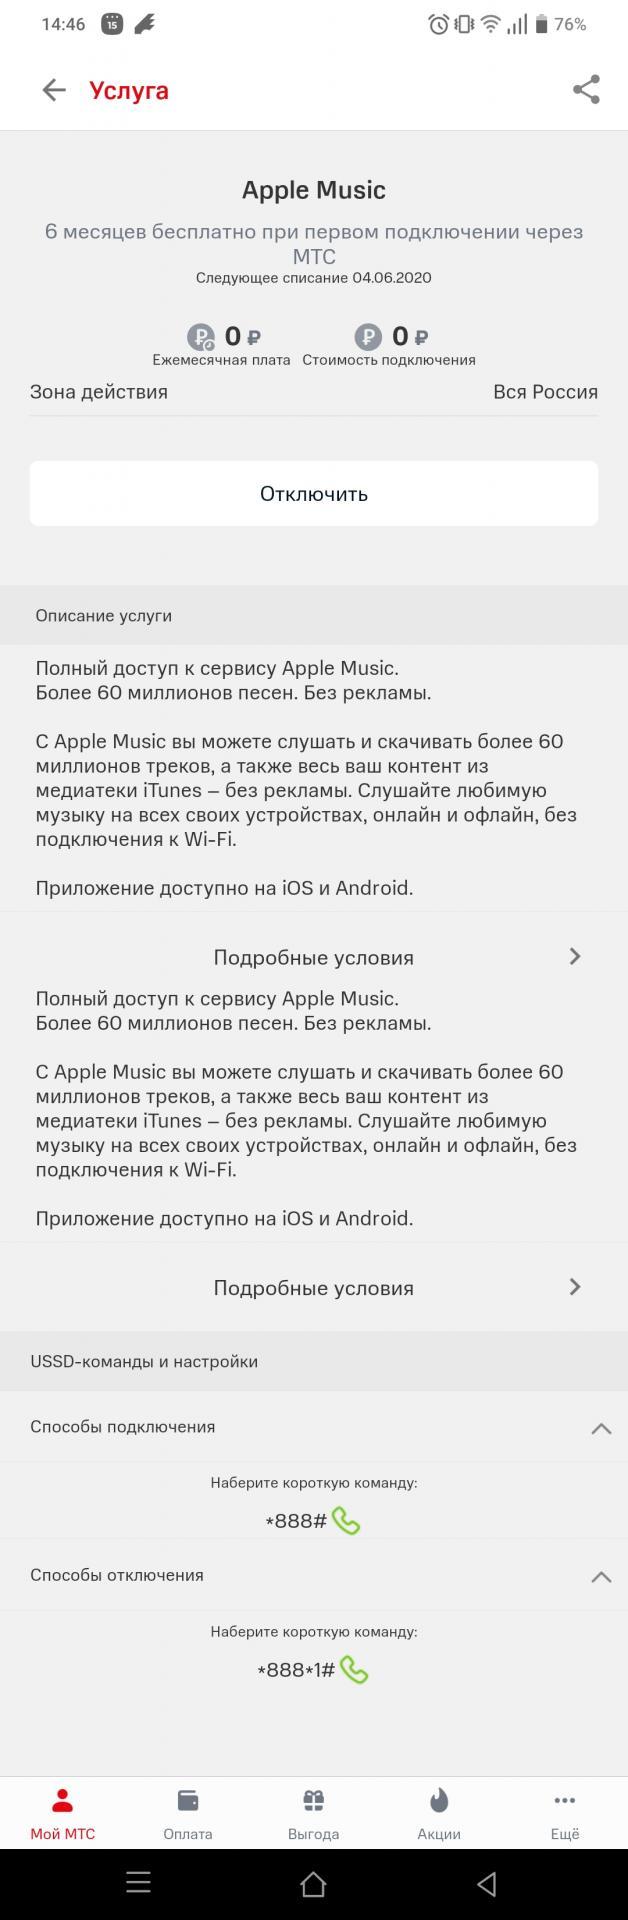 Получаем Apple Music на6 месяцев бесплатно. Нотолько для МТС